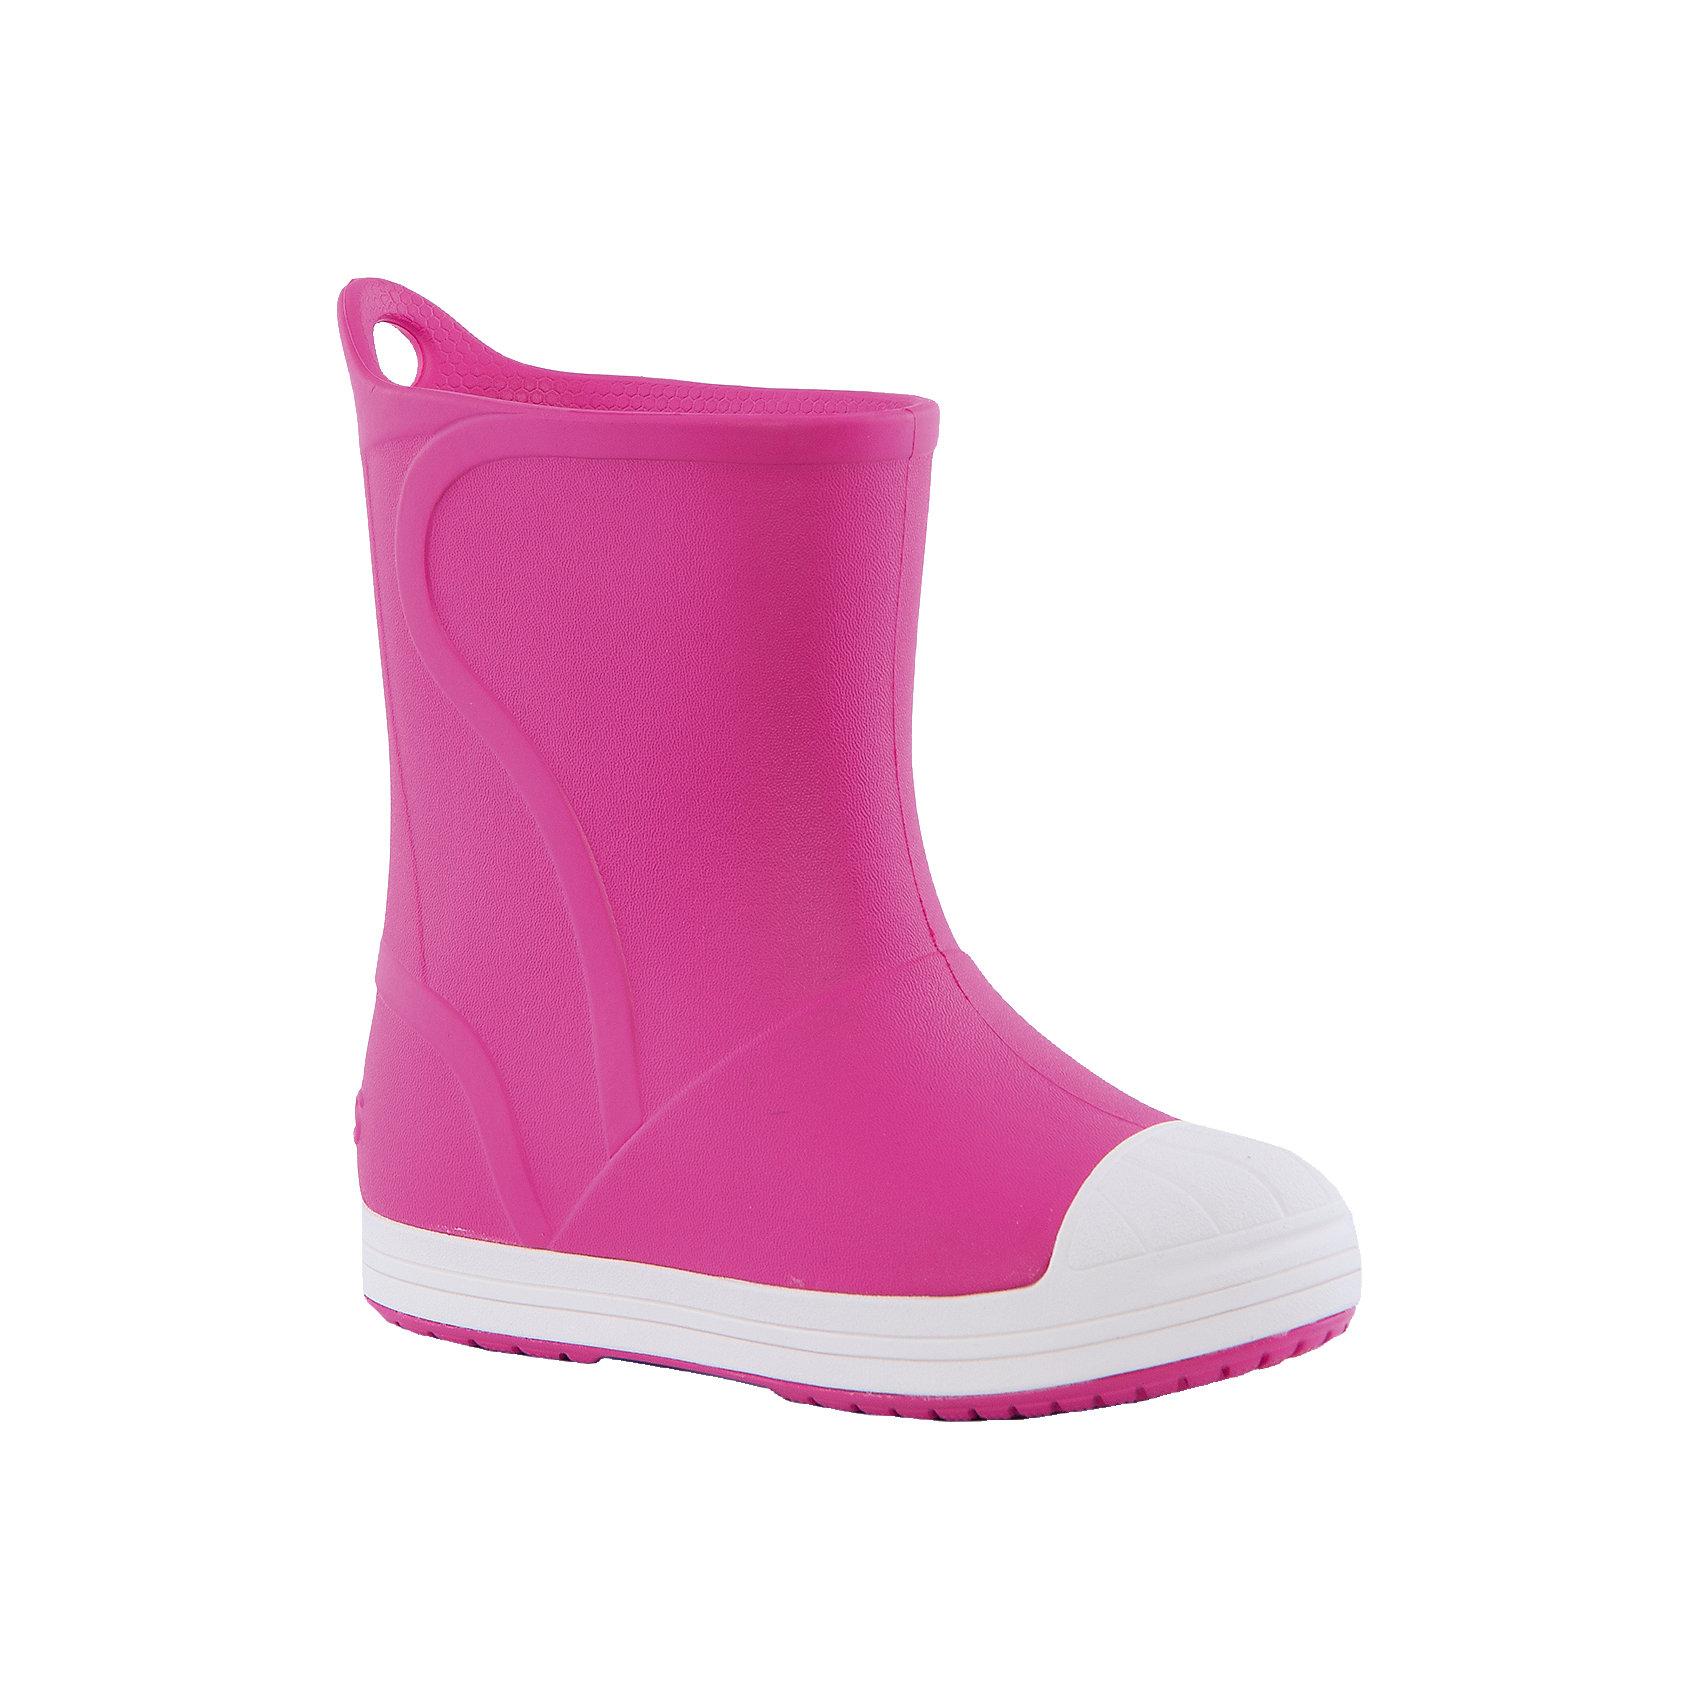 Резиновые сапоги Bump It Boot для девочки Crocs, розовый